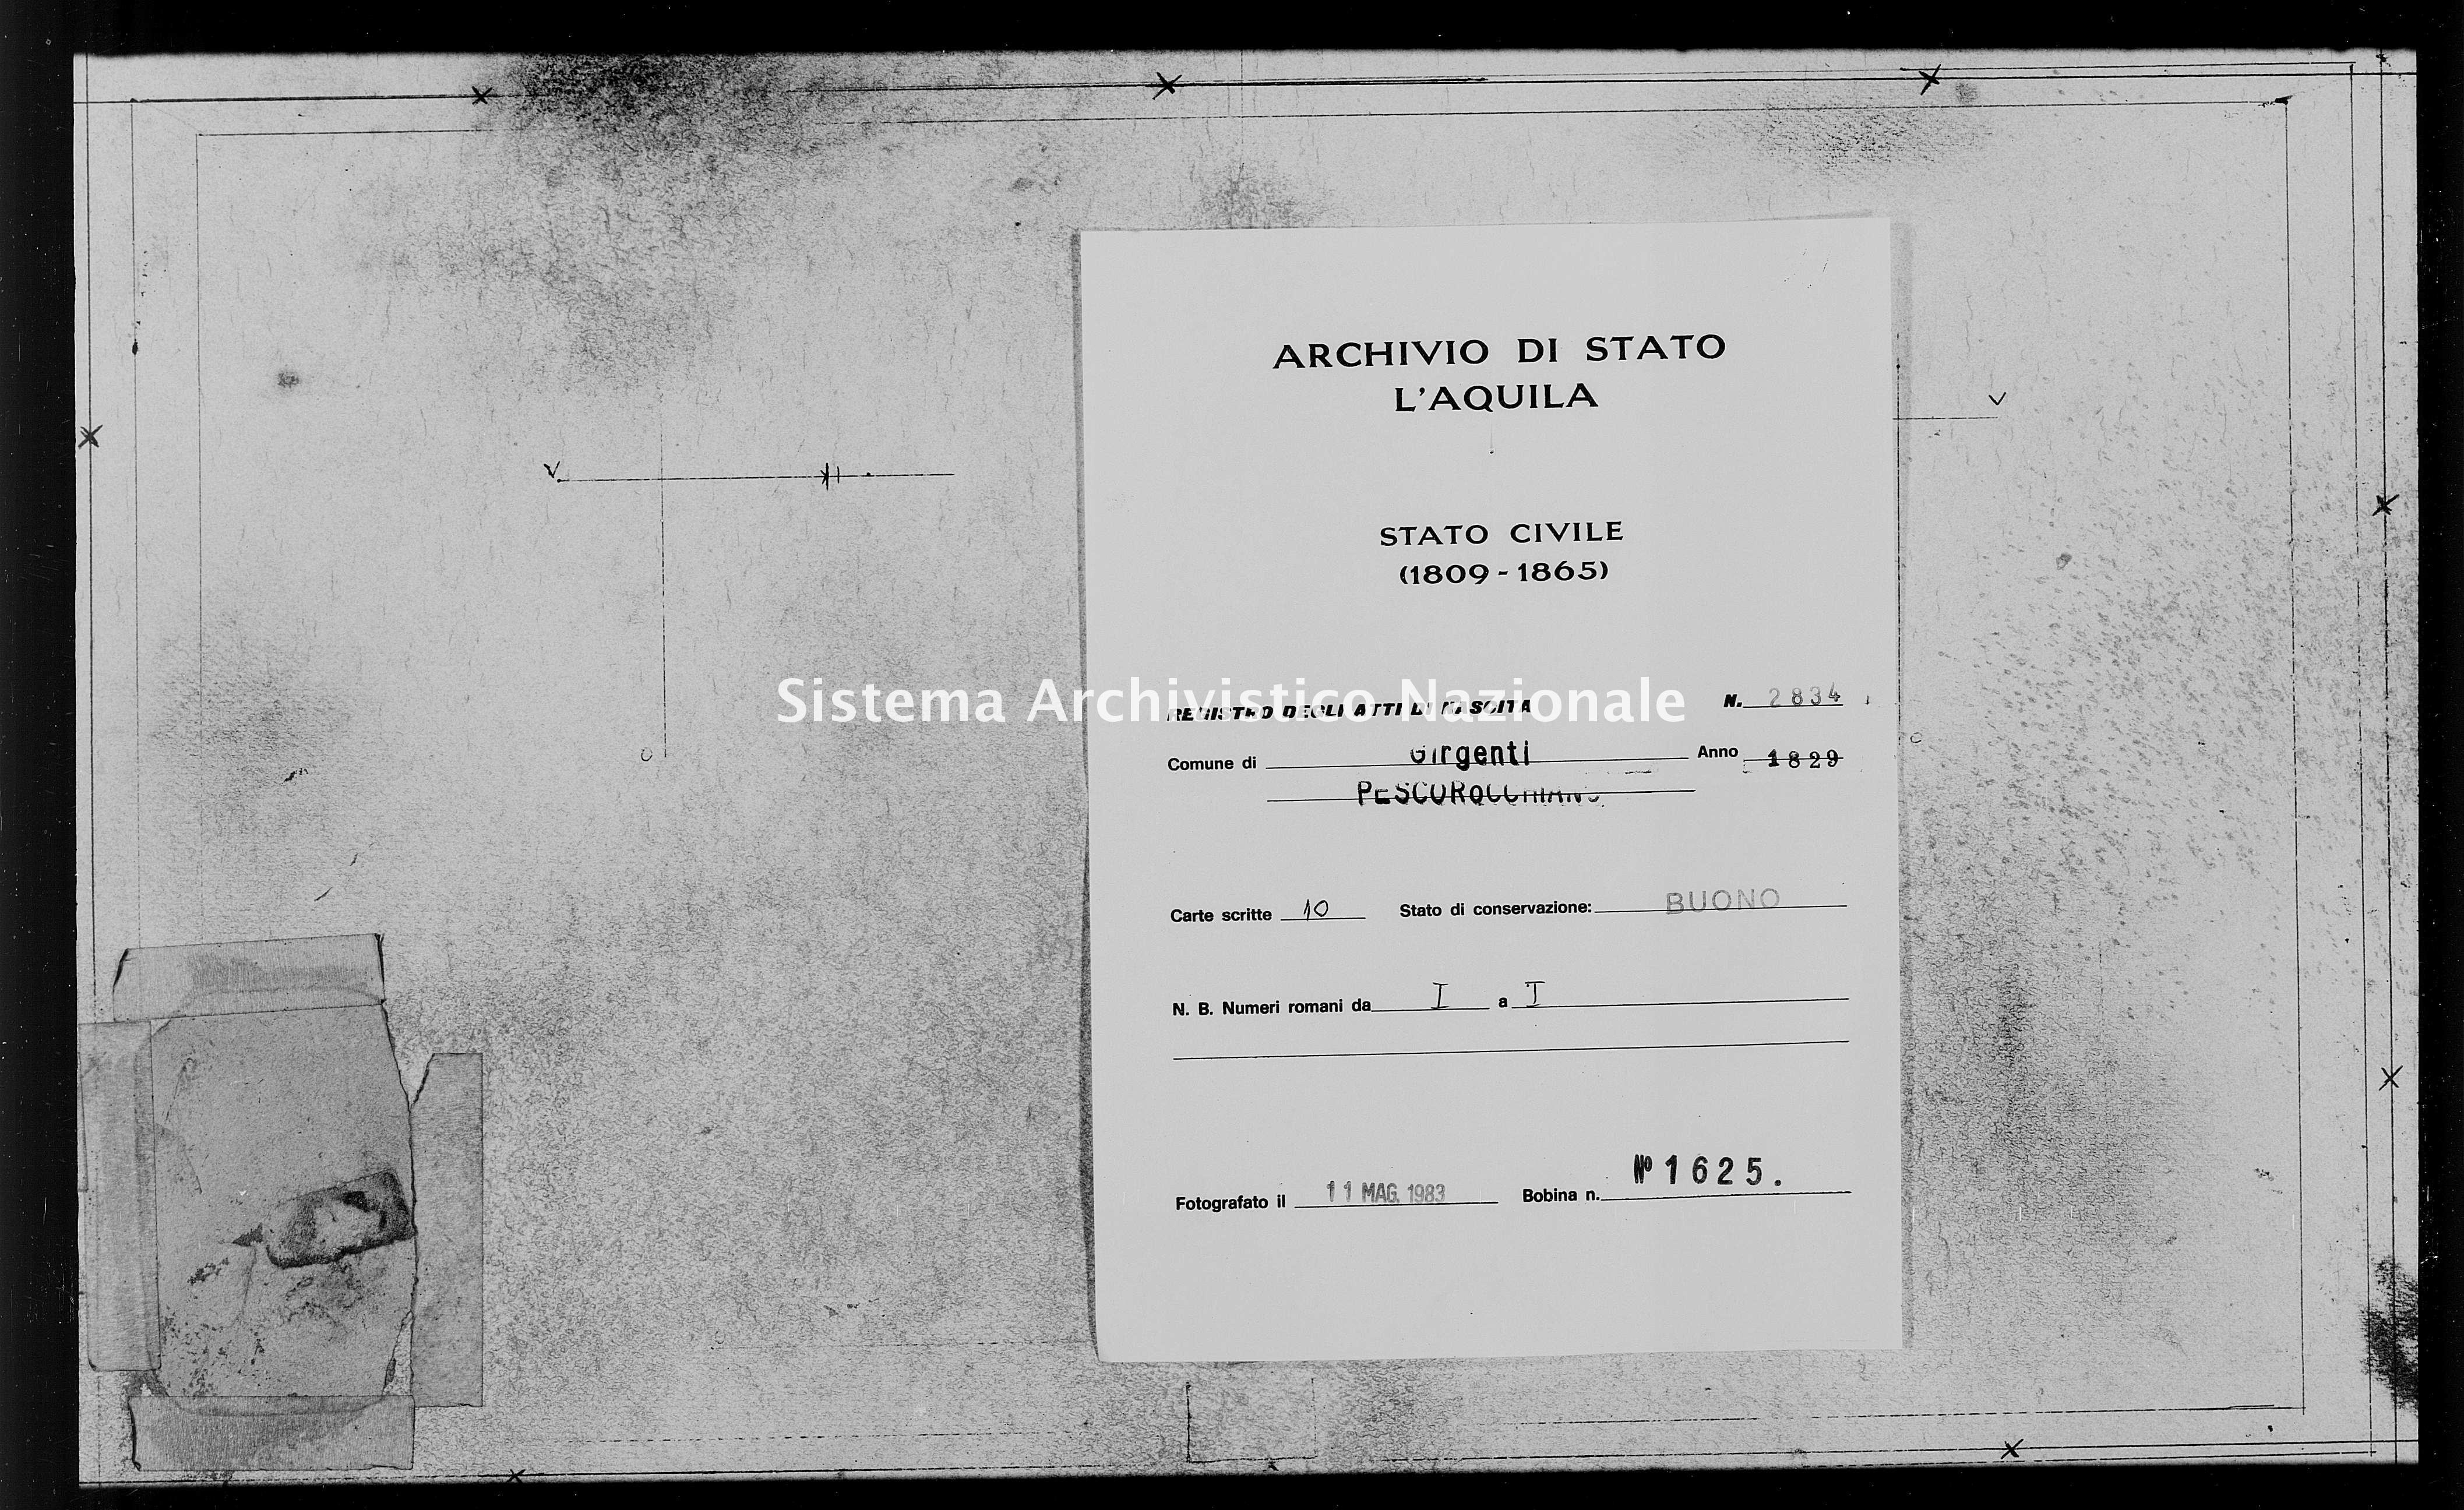 Archivio di stato di L'aquila - Stato civile della restaurazione - Girgenti - Nati - 1829 - 2834 -